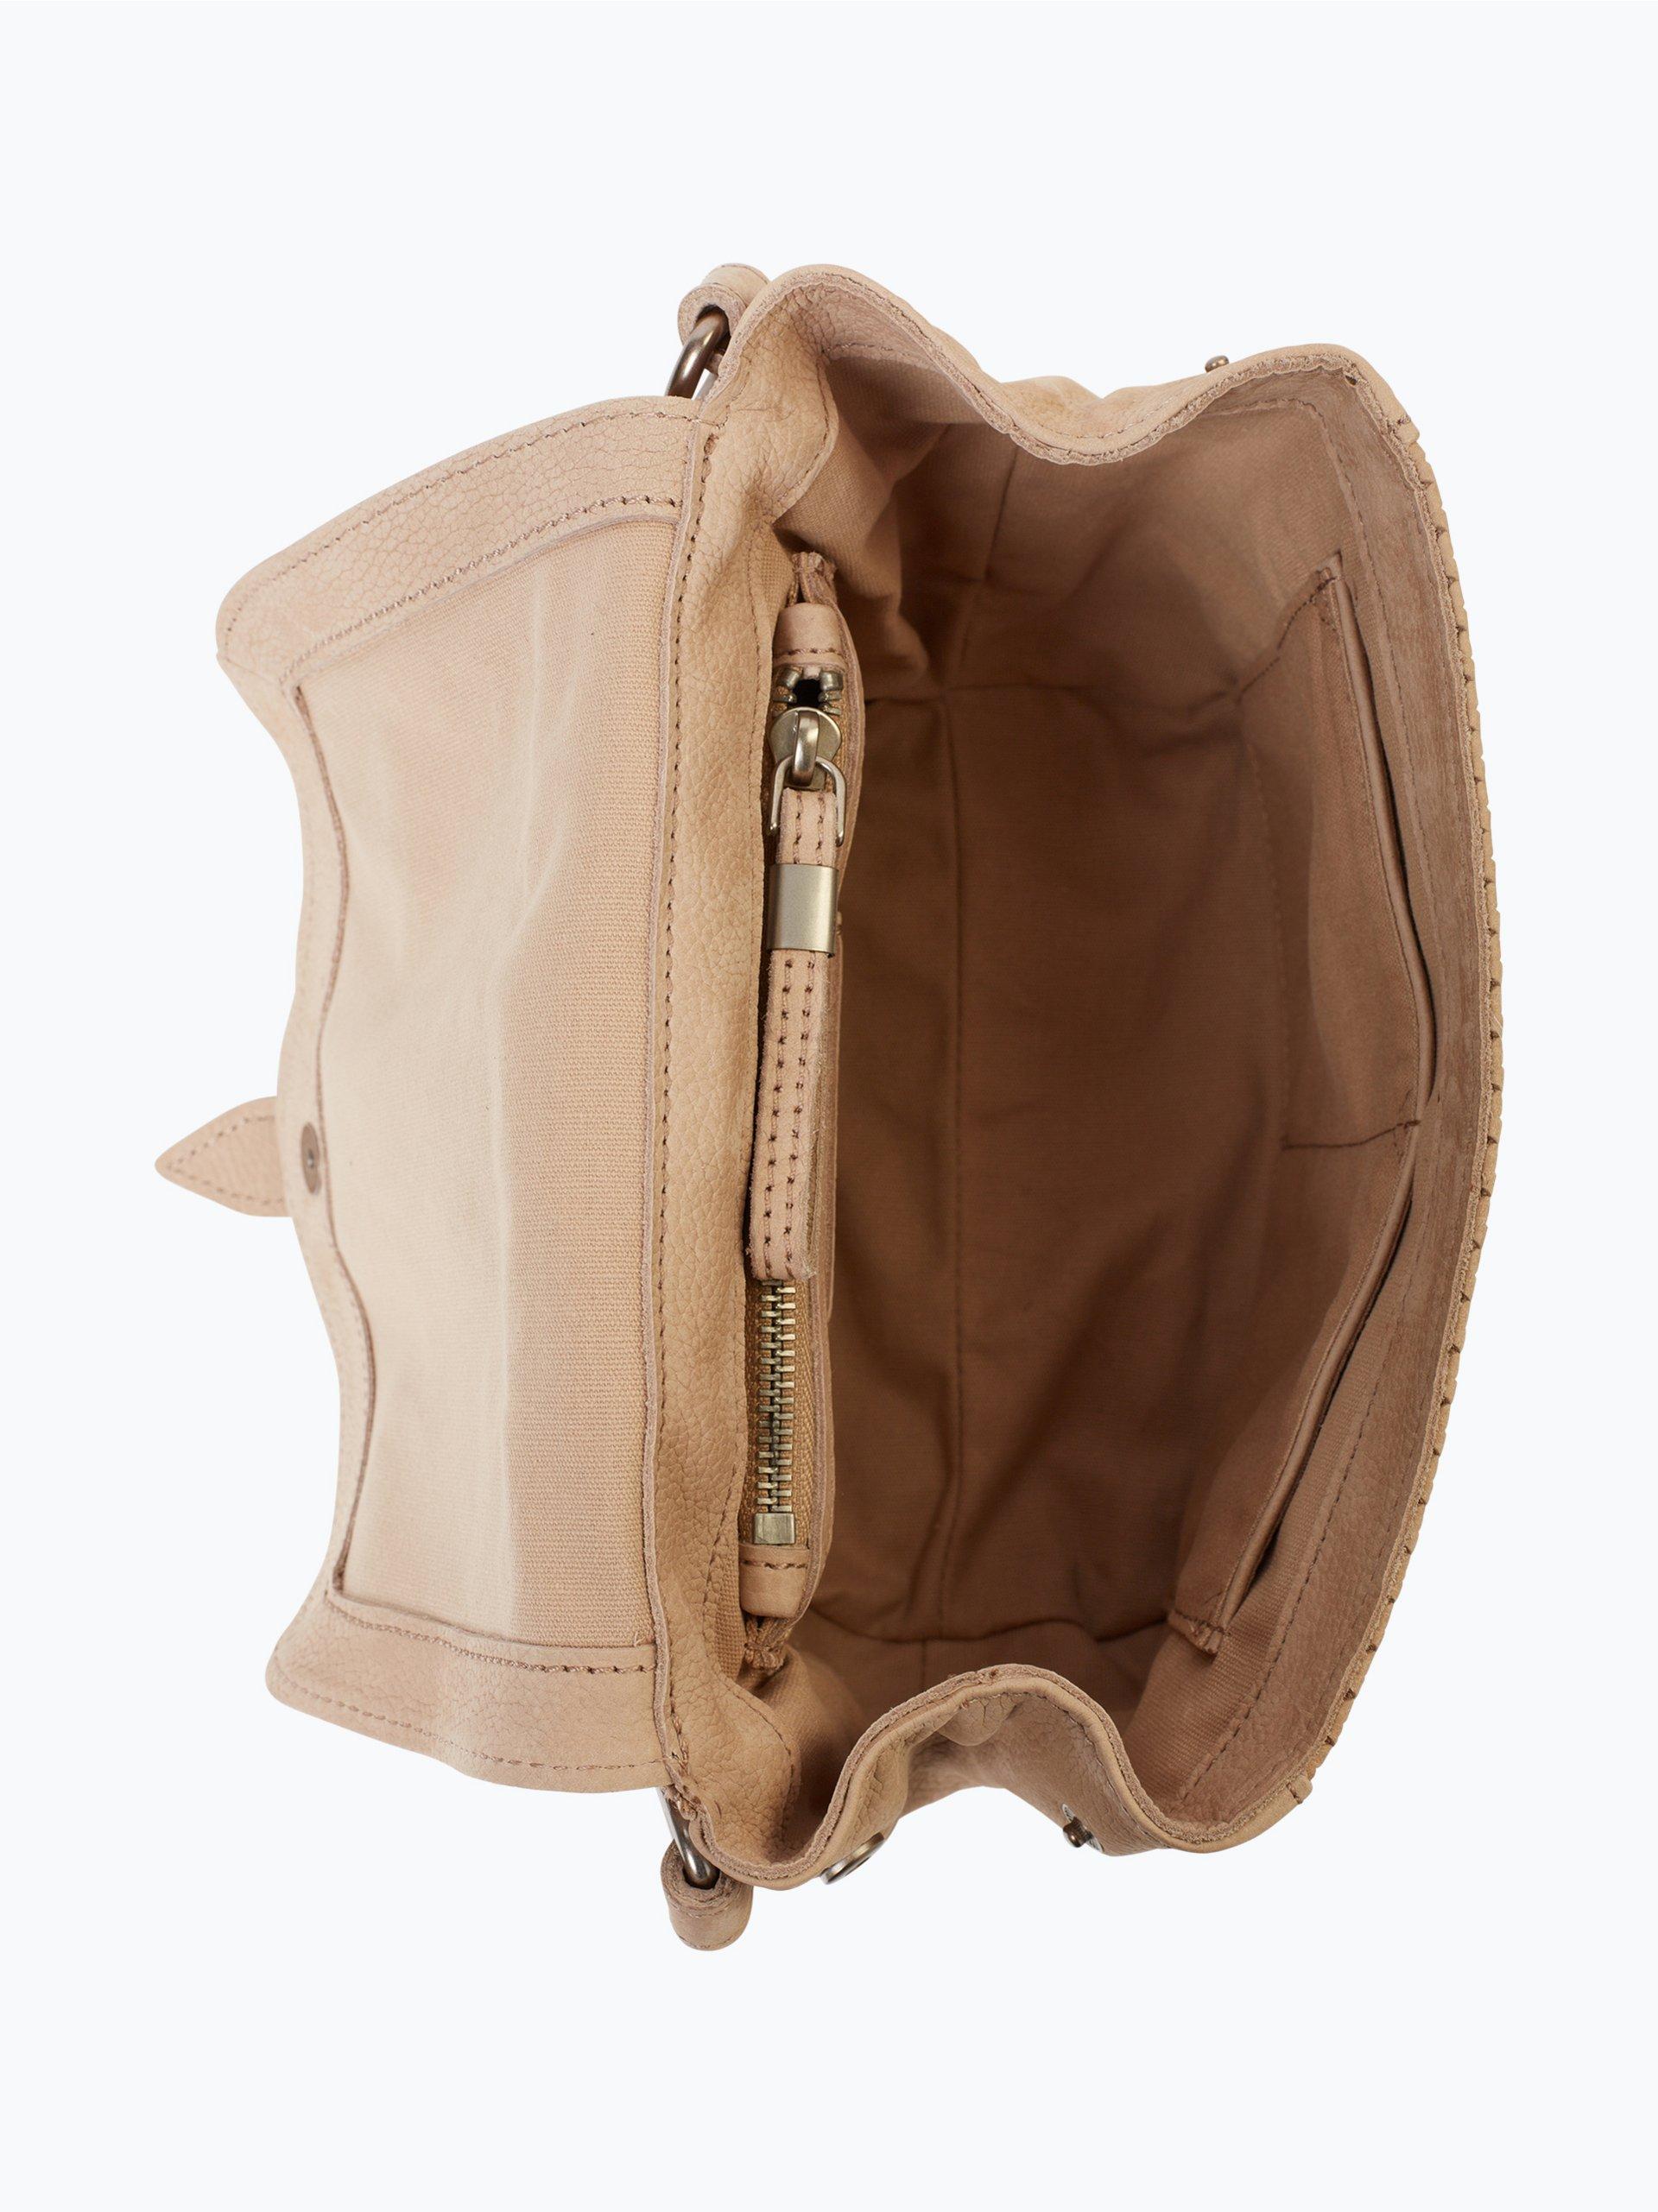 liebeskind damen handtasche aus leder christin rosa uni online kaufen peek und cloppenburg de. Black Bedroom Furniture Sets. Home Design Ideas